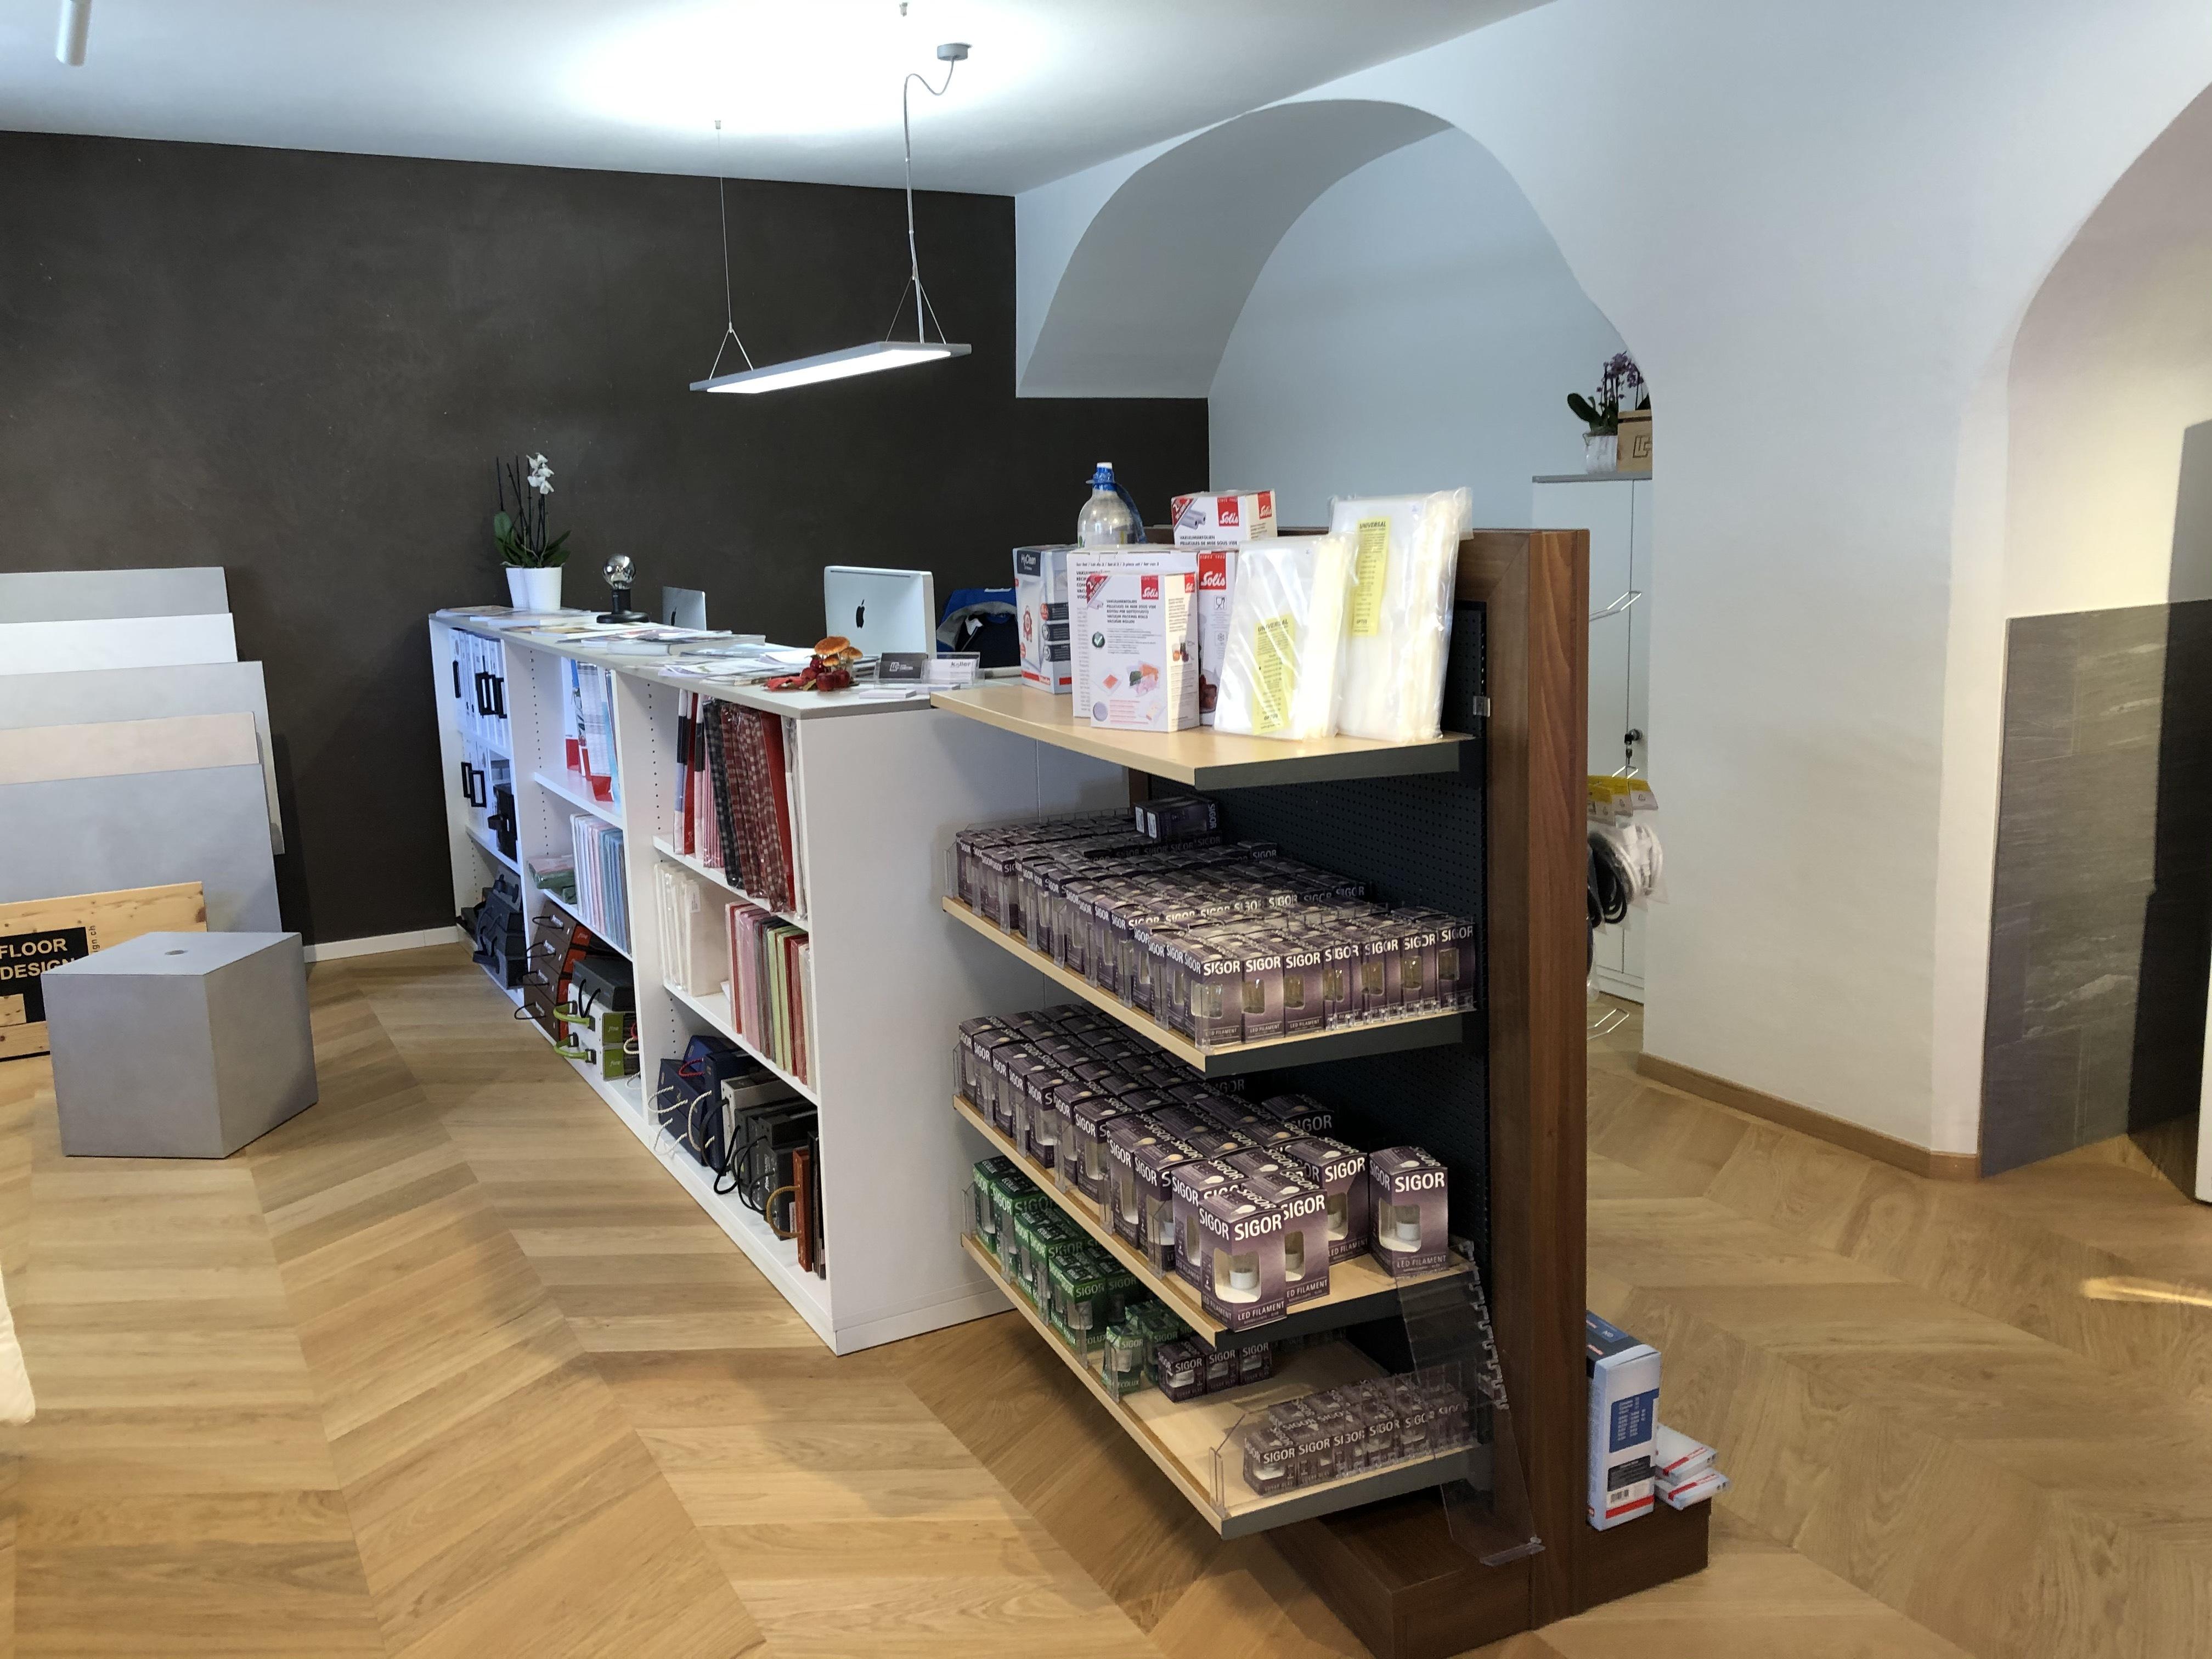 Camichel GmbH Innenaustattungen (Showroom) Slide 3